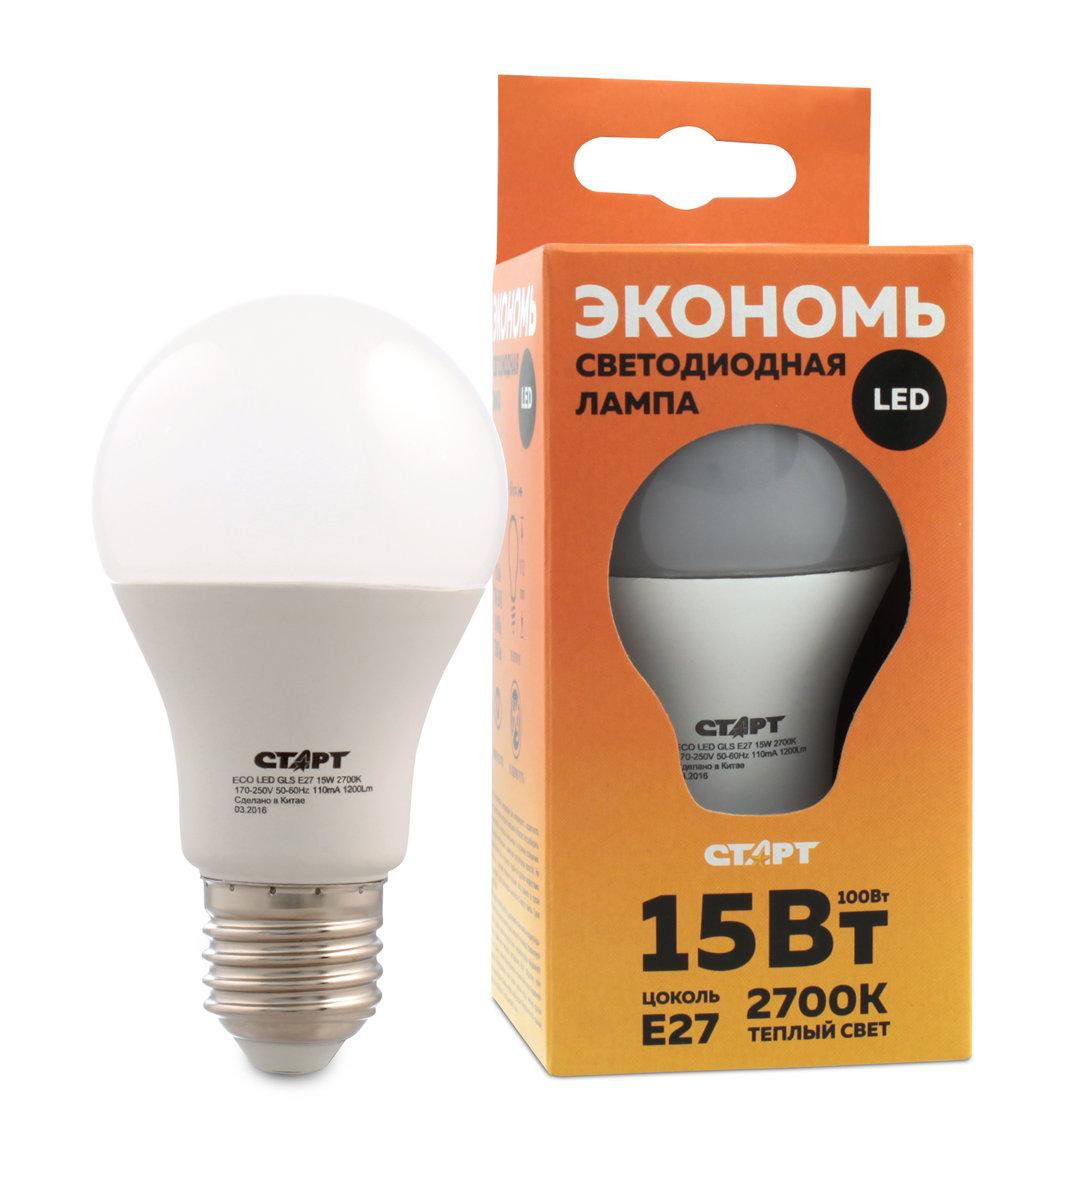 Лампа светодиодная СТАРТ, теплый свет, цоколь E27, 15WRSP-202SСветодиодная лампа СТАРТ – это самый энергоэффективный источник света, при этом имеющий рекордный срок службы. Светодиодные лампы – изделия прочные, не боятся падения с высоты человеческого роста, встрясок и вибраций. Лампа не имеет вредных материалов в своем составе, а также в процессе эксплуатации светодиодная лампа не излучает ИК- и УФ-лучи.Мощность, Вт: 15.Световой поток, Лм: 1200.Напряжение и частота: 220-240 V.Цоколь: E27.Угол светового пучка: 240°.Цветовая температура, К: 2700.Срок службы, часов: 15000.